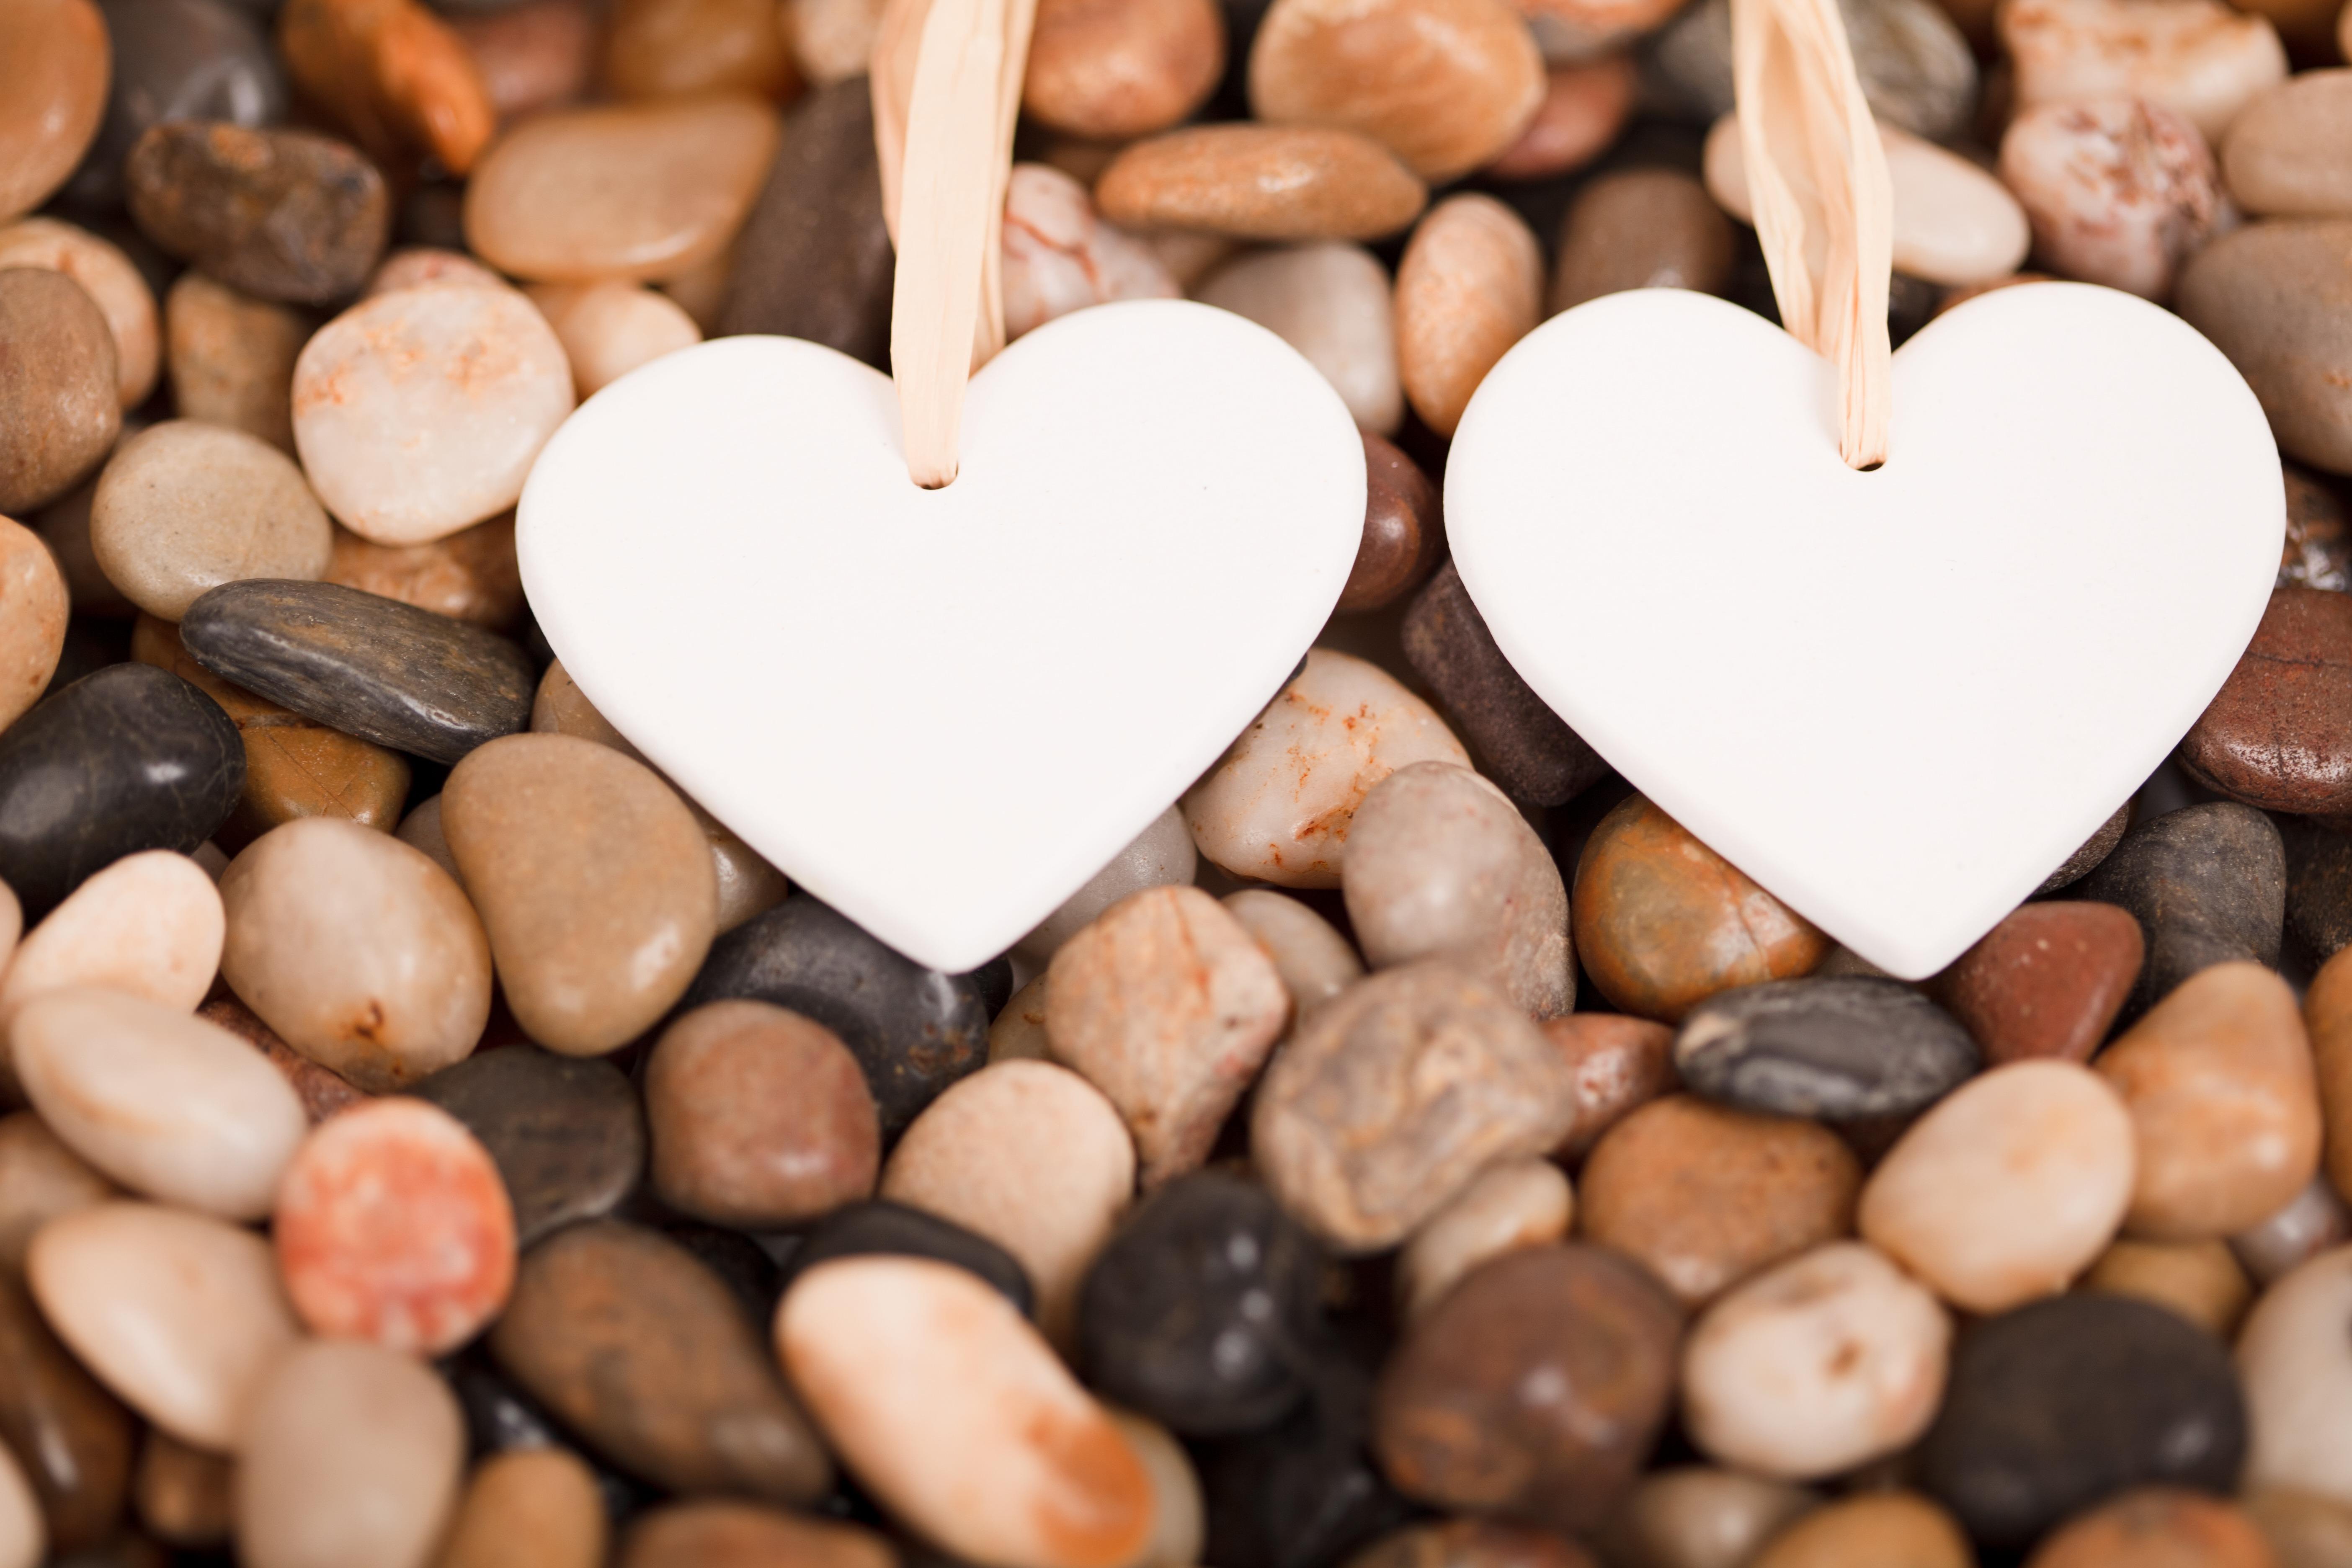 társkereső oldal szív ikonnaltárskereső ügynökség szakemberek számára uk